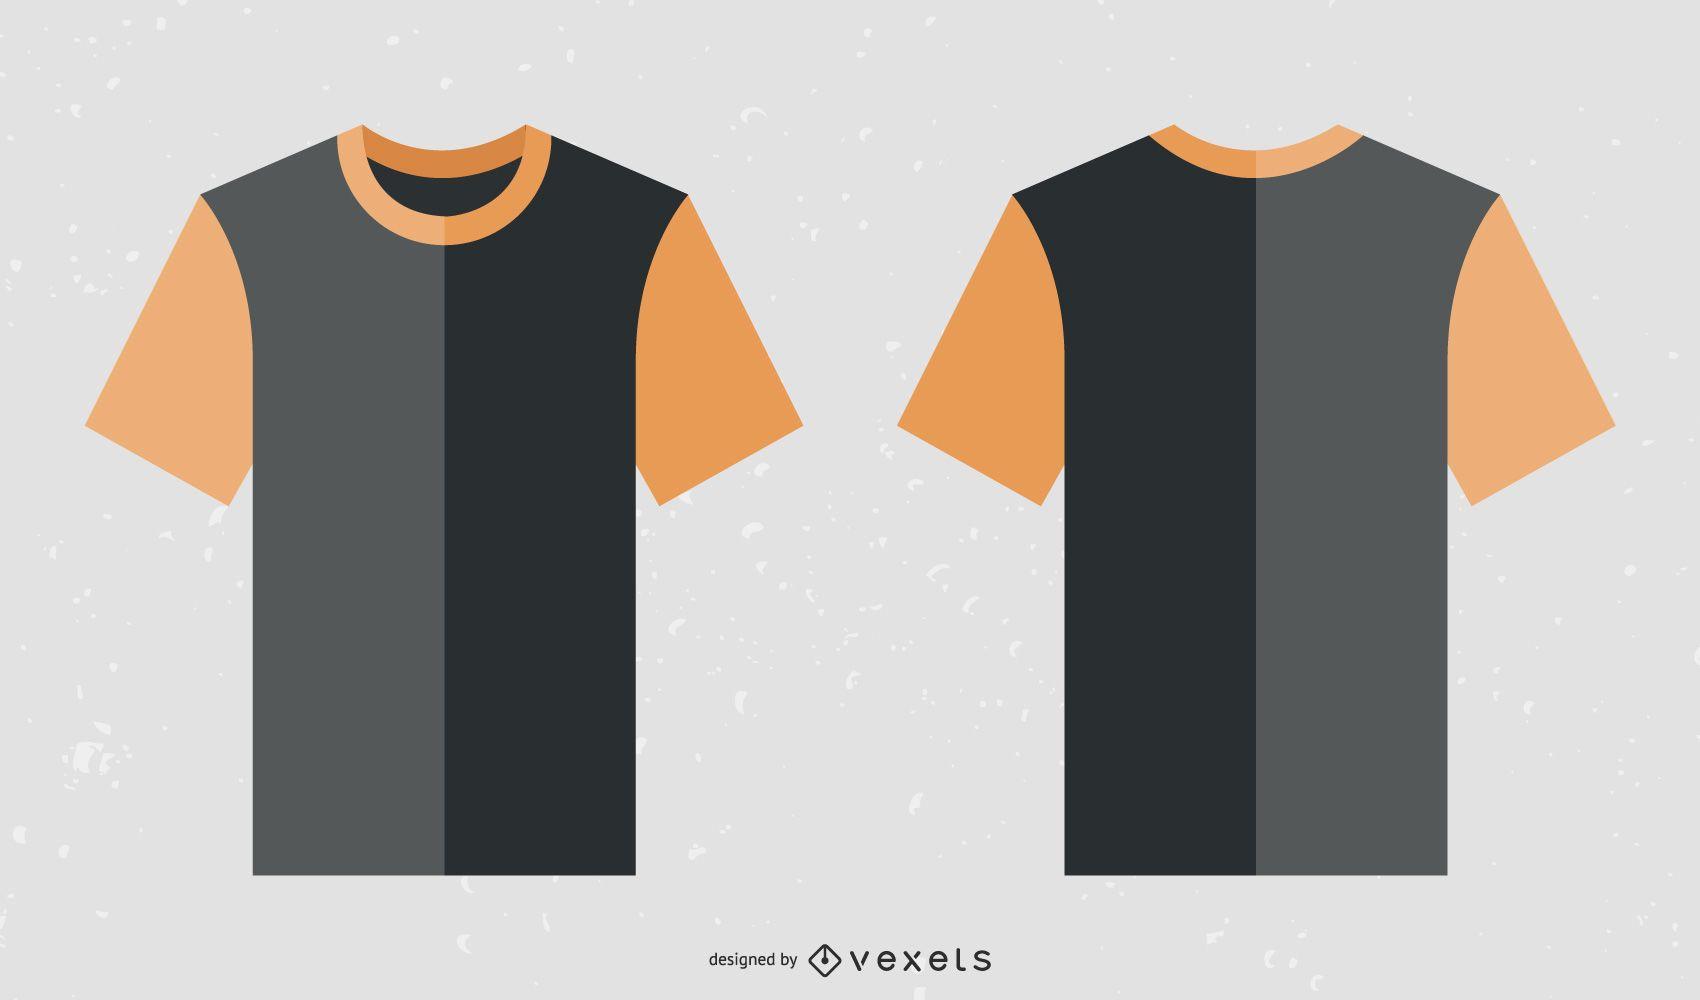 Plantilla gratuita para camiseta negra con cuello naranja